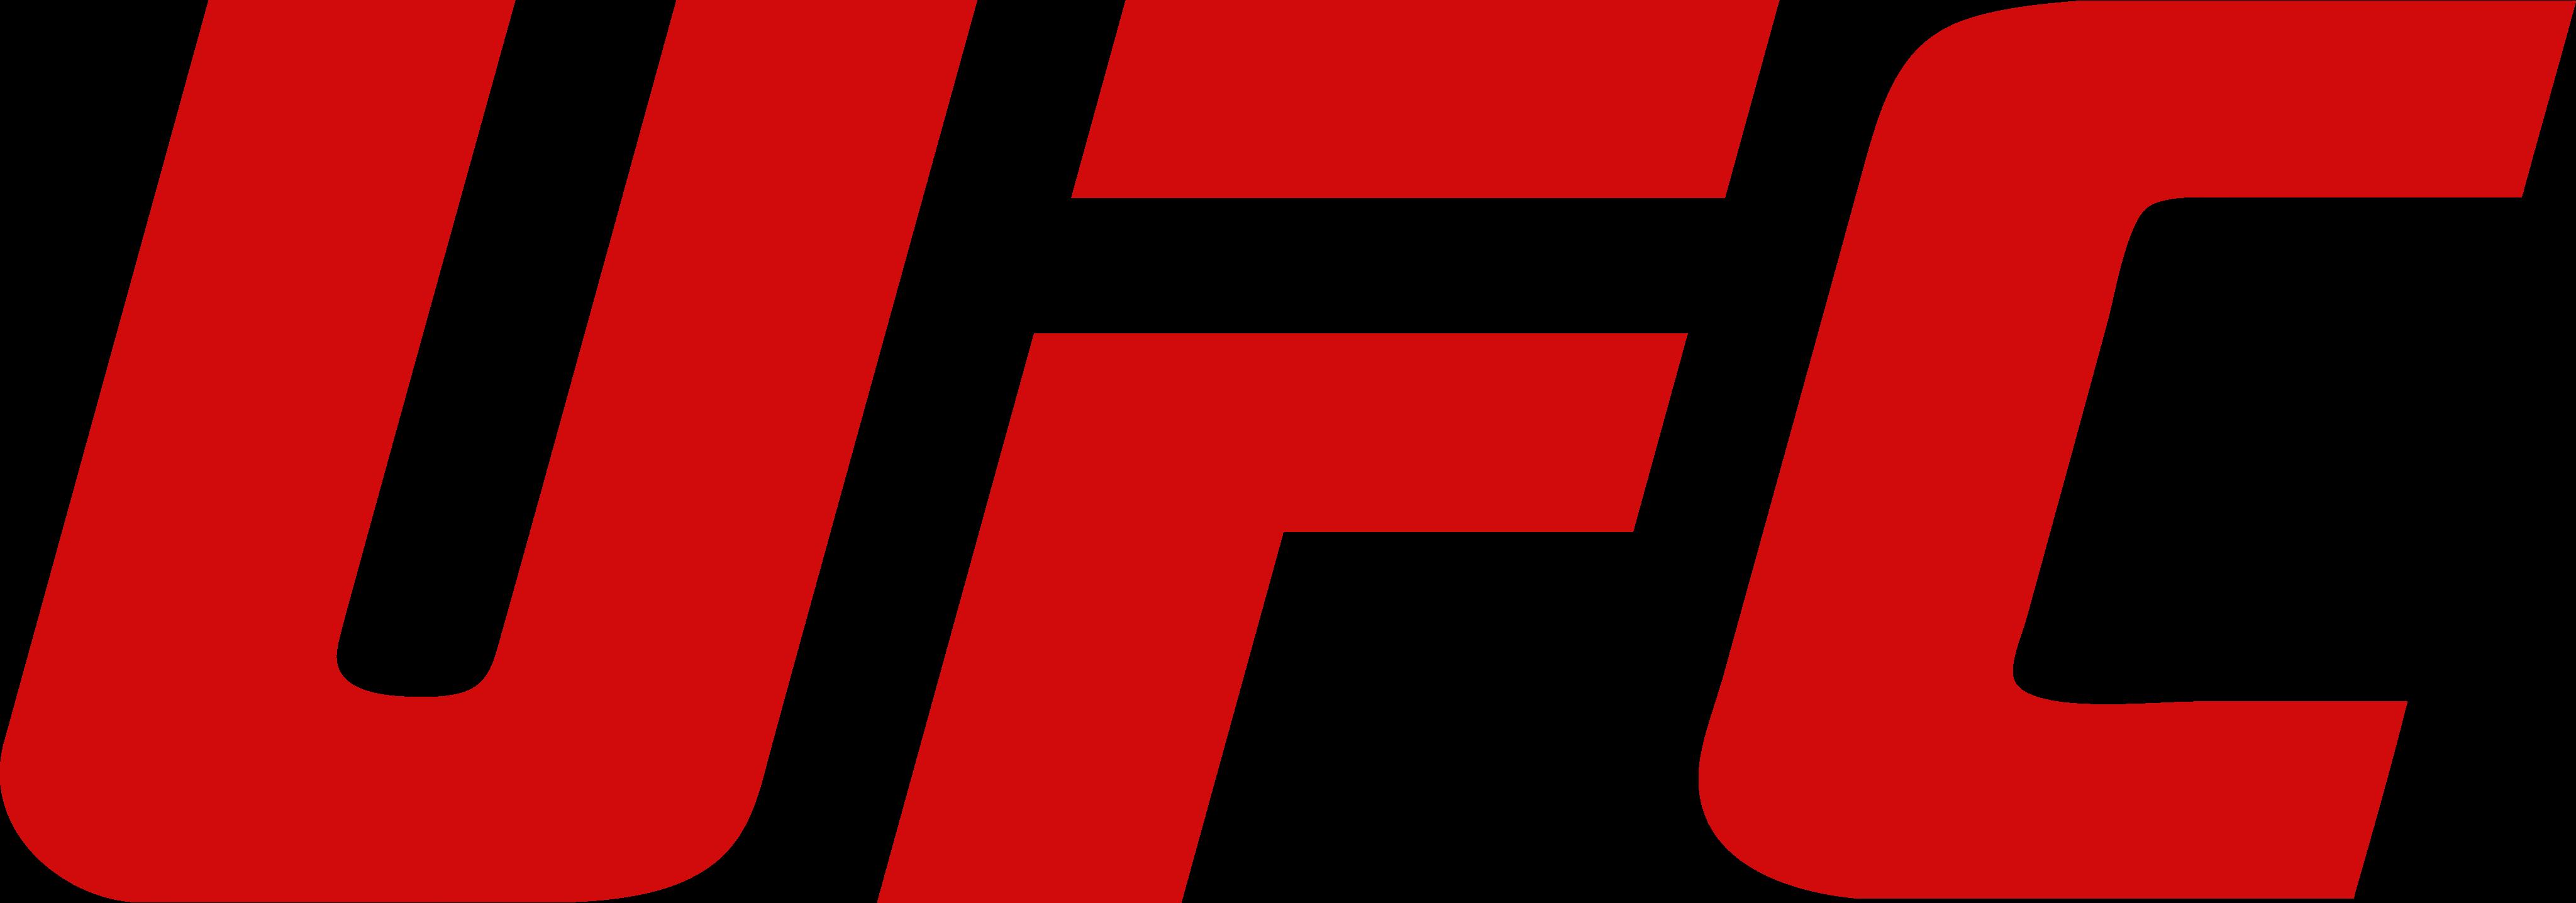 ufc logo 1 - UFC Logo